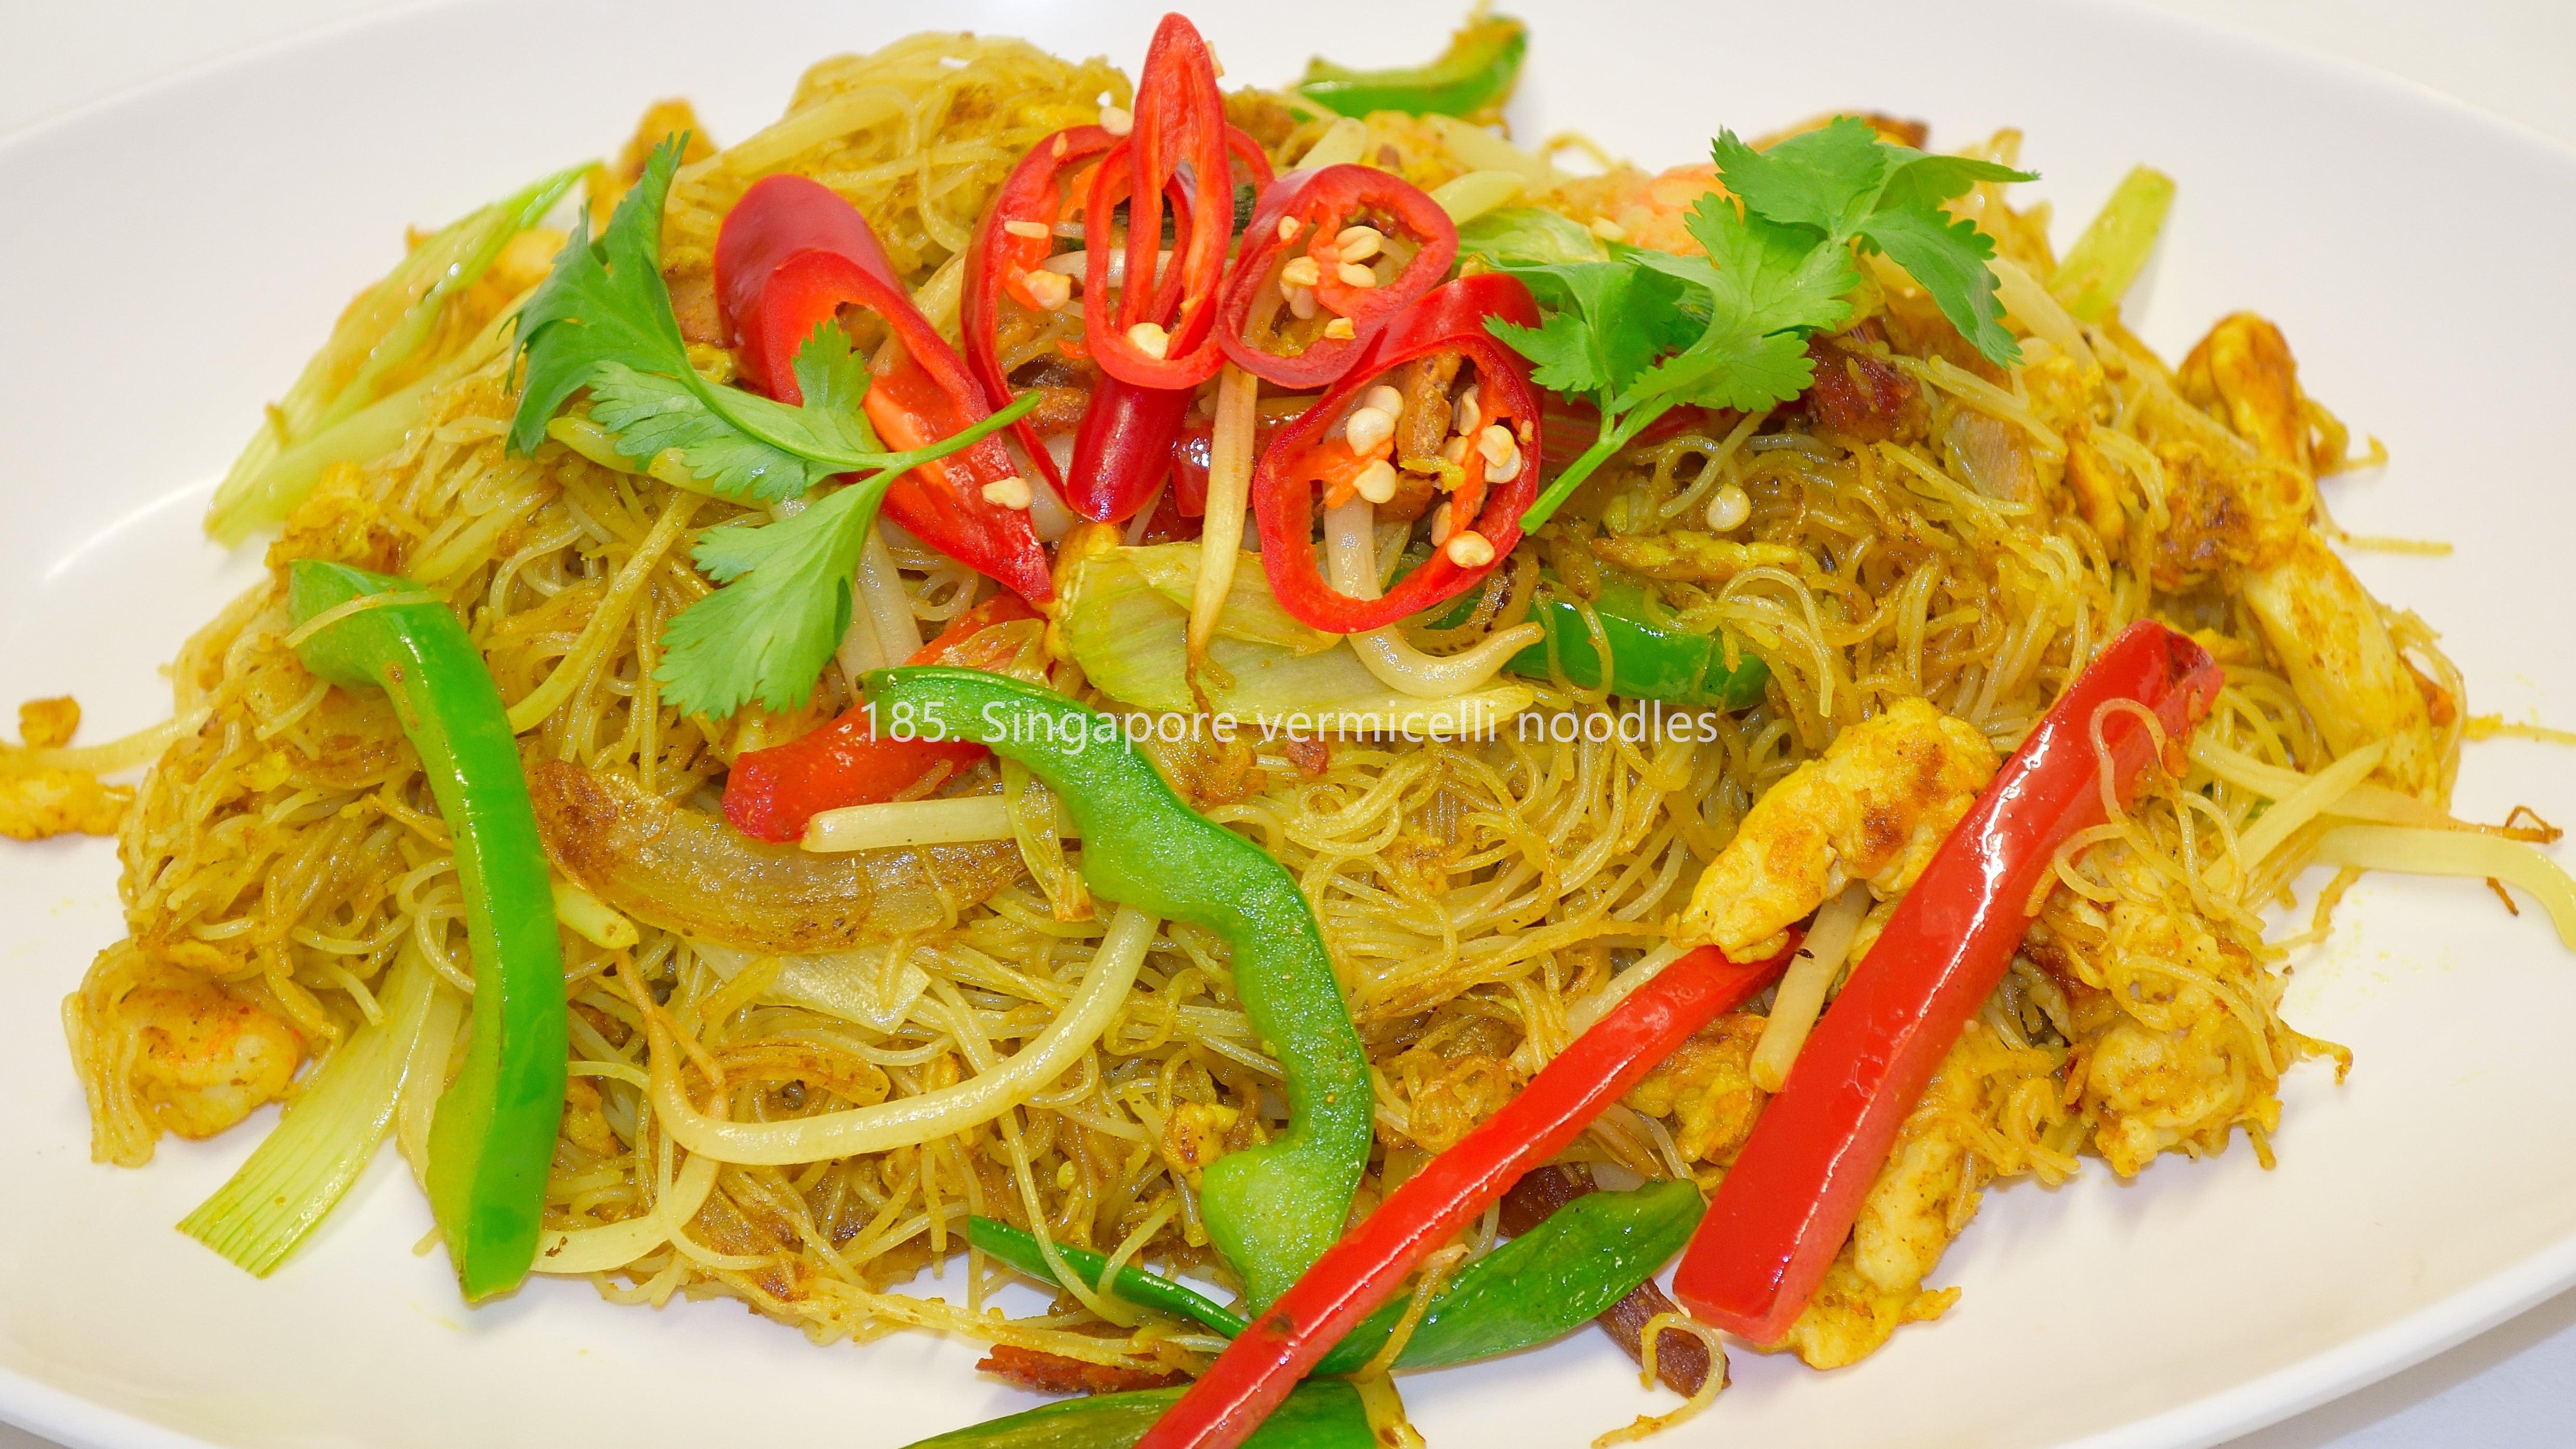 Singapore rice vermicelli noodles